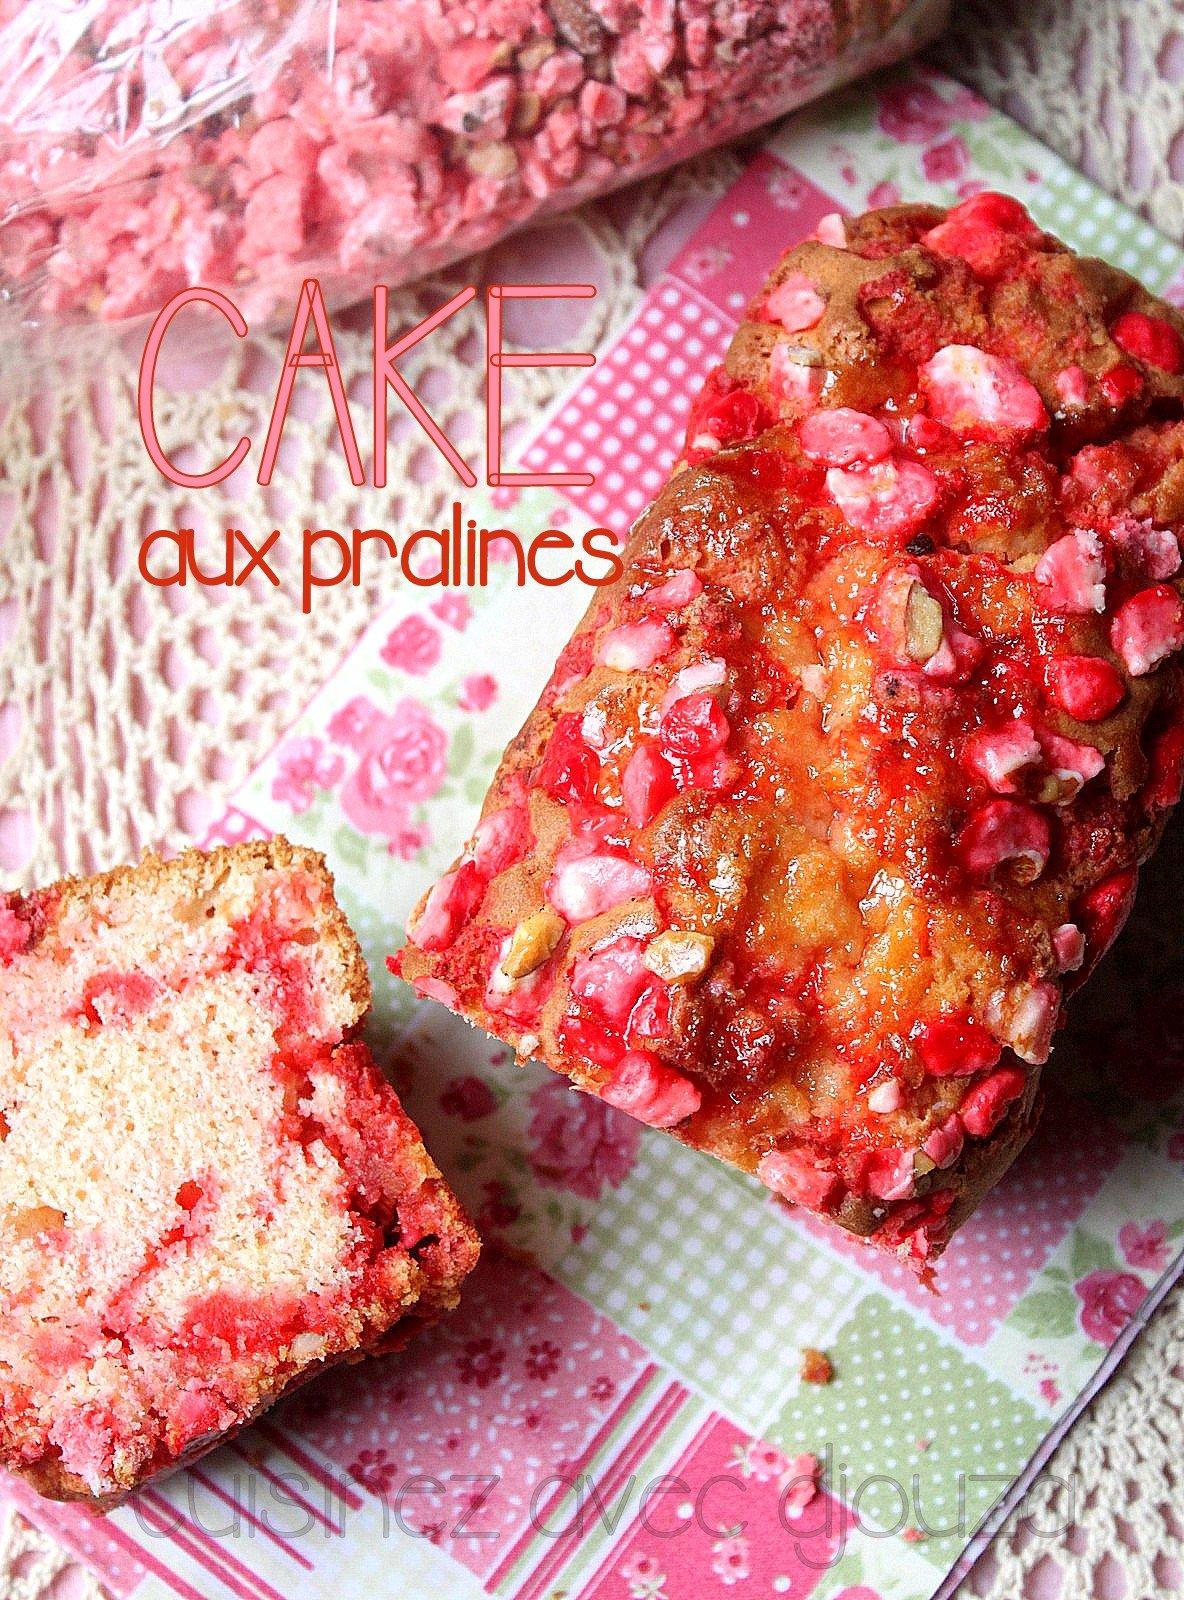 gateau-aux-pralines-roses